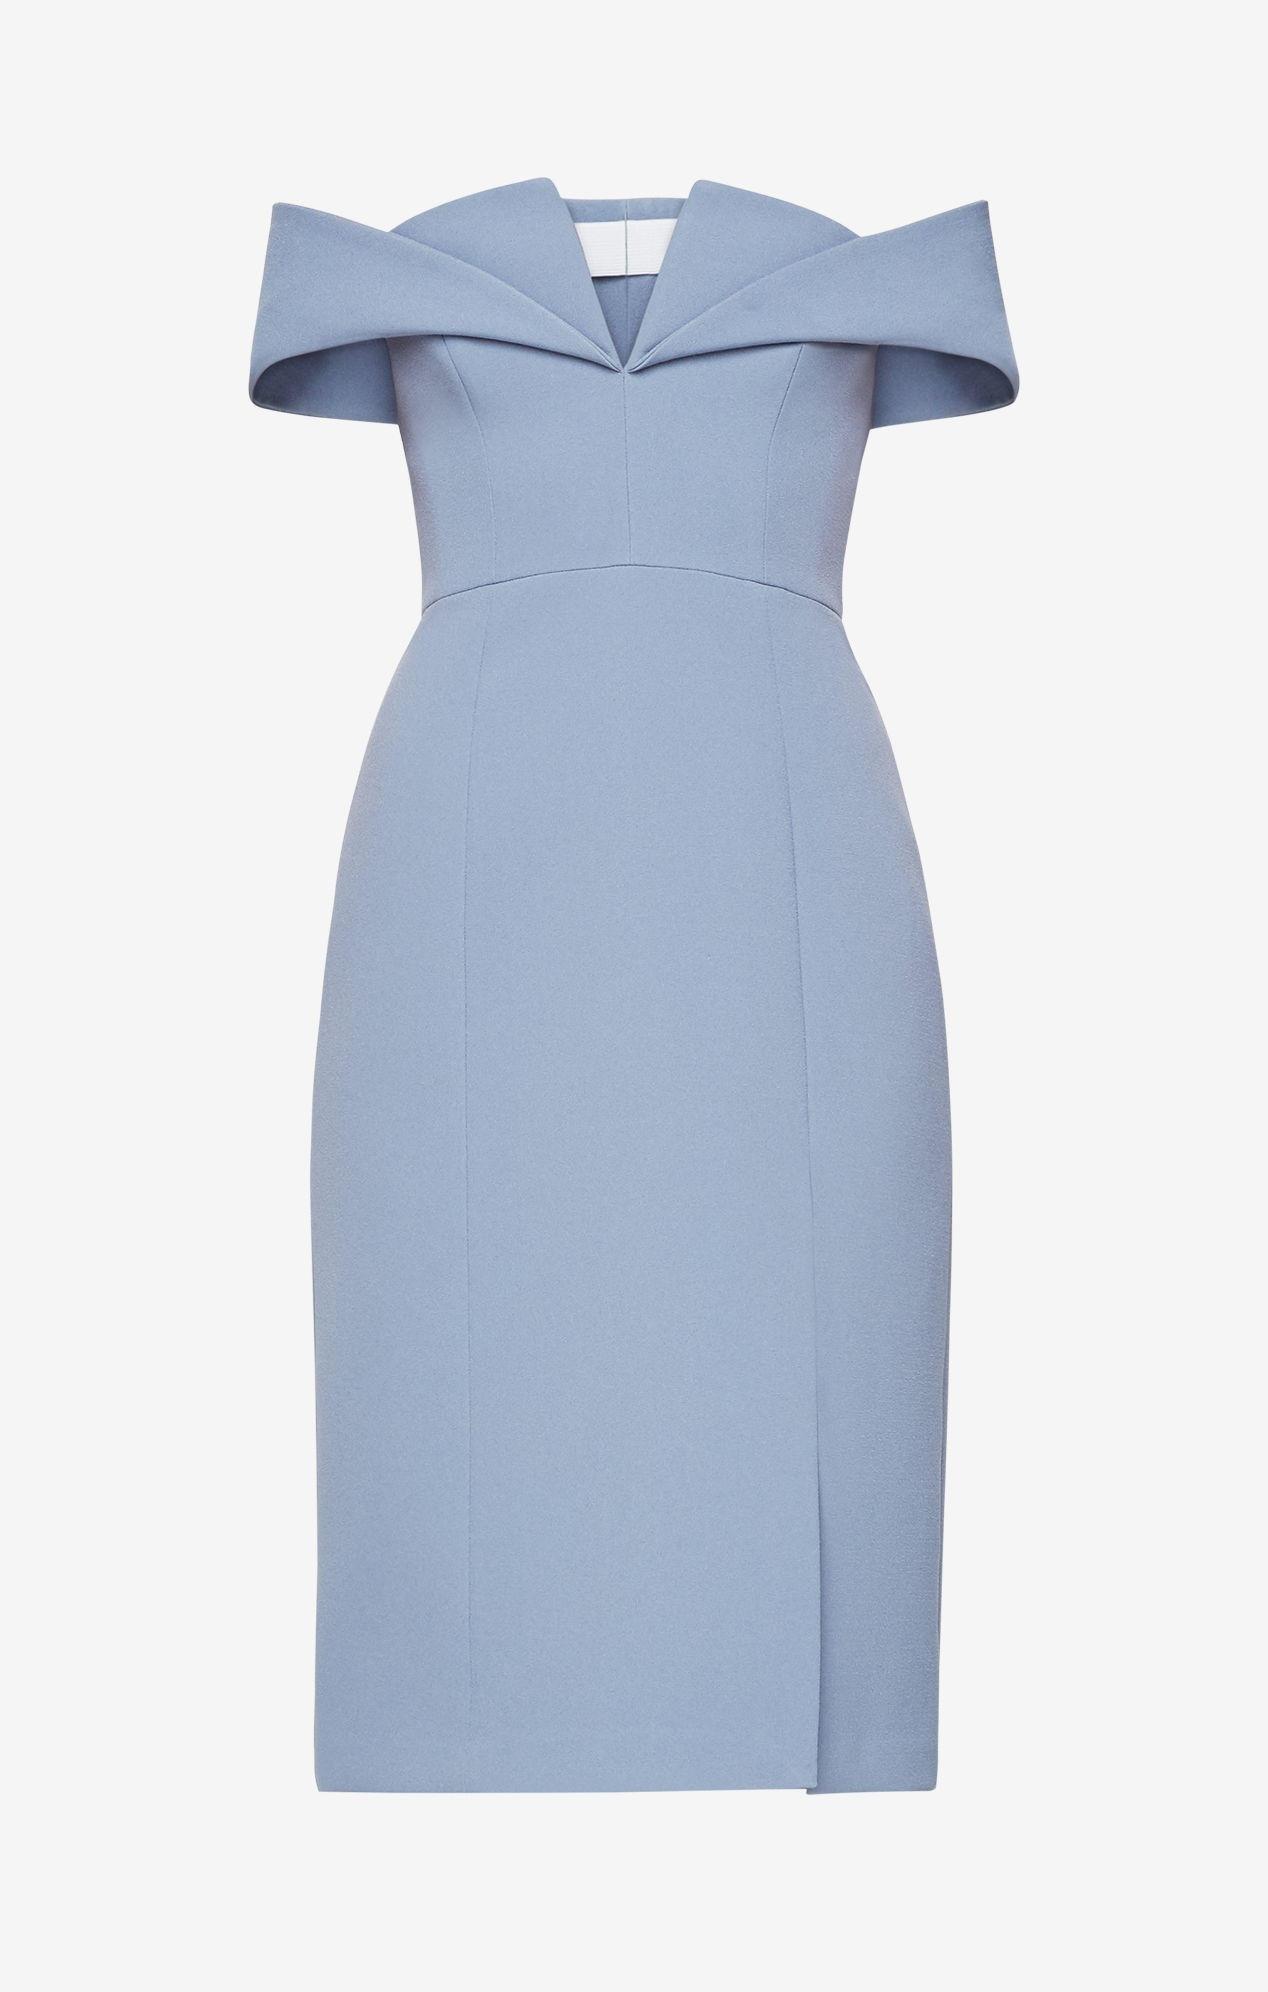 15 Kreativ Schöne Kleider Für Eine Hochzeit Spezialgebiet20 Einzigartig Schöne Kleider Für Eine Hochzeit Boutique